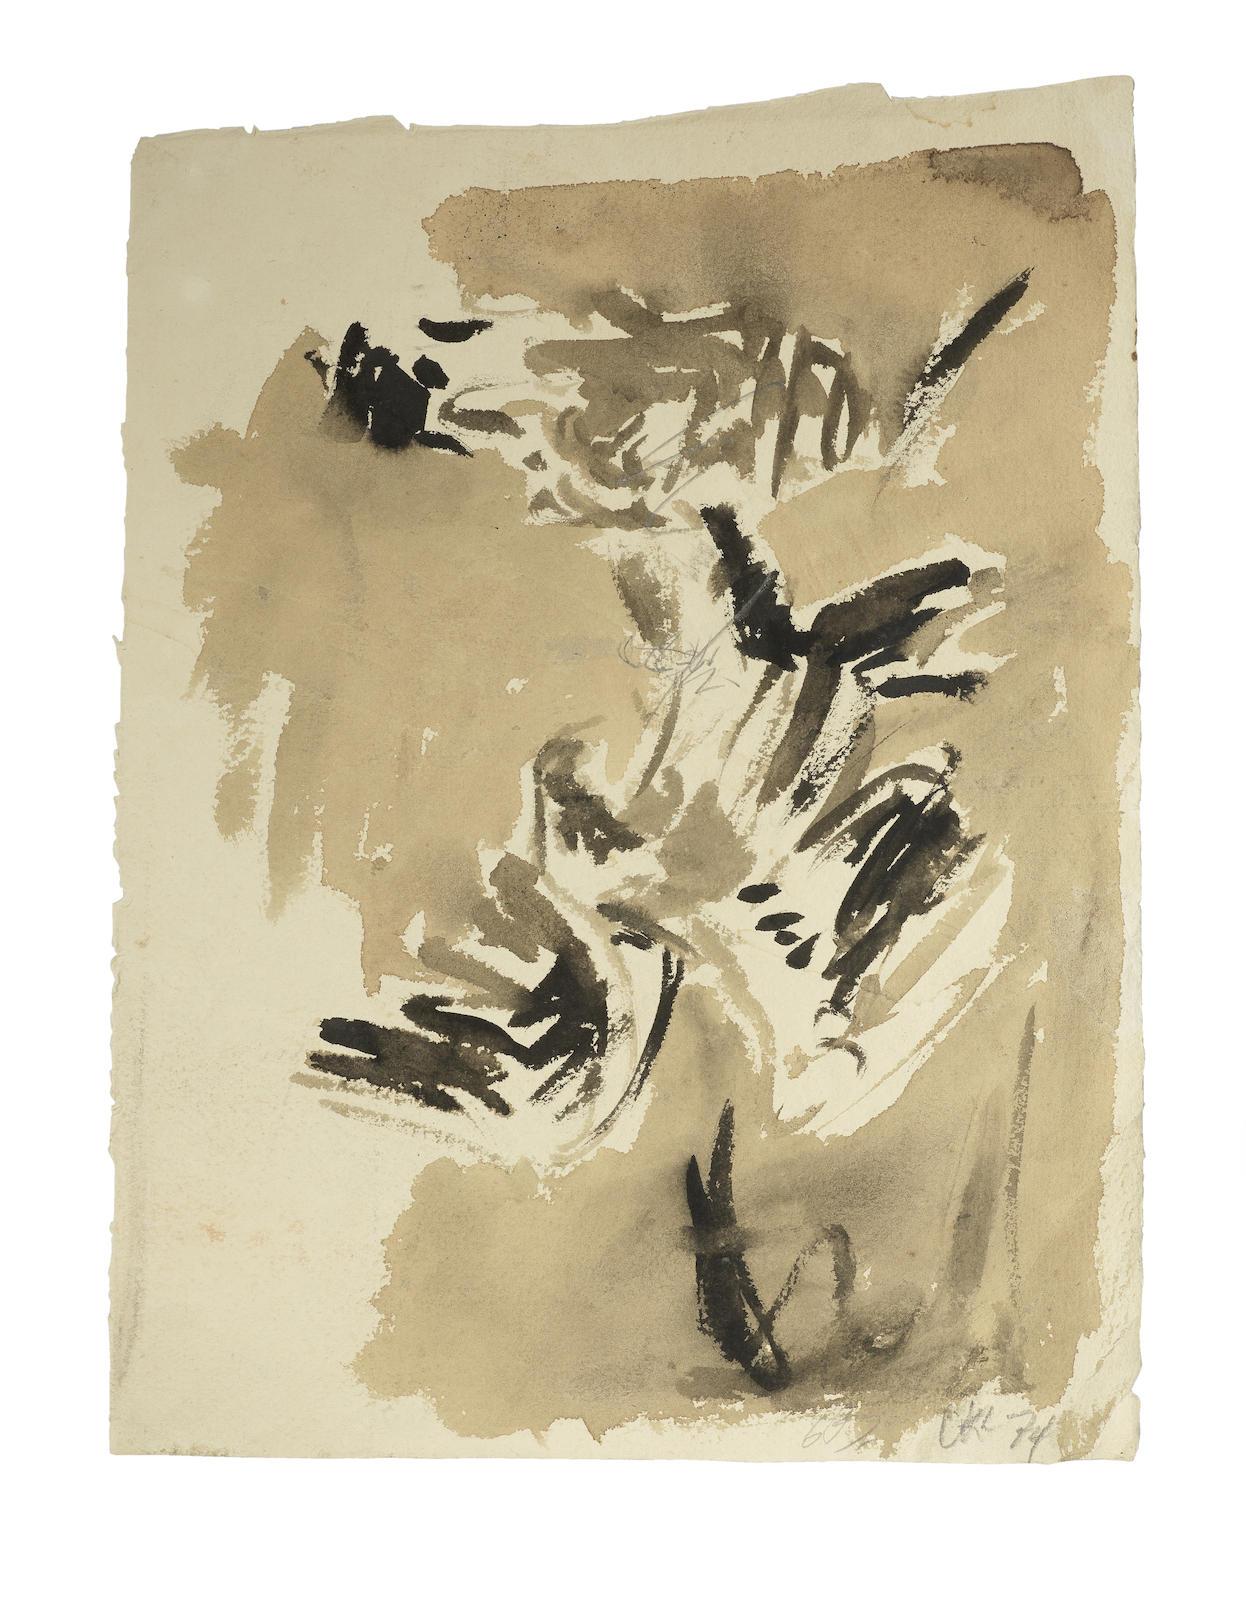 Georg Baselitz-Adler-1974